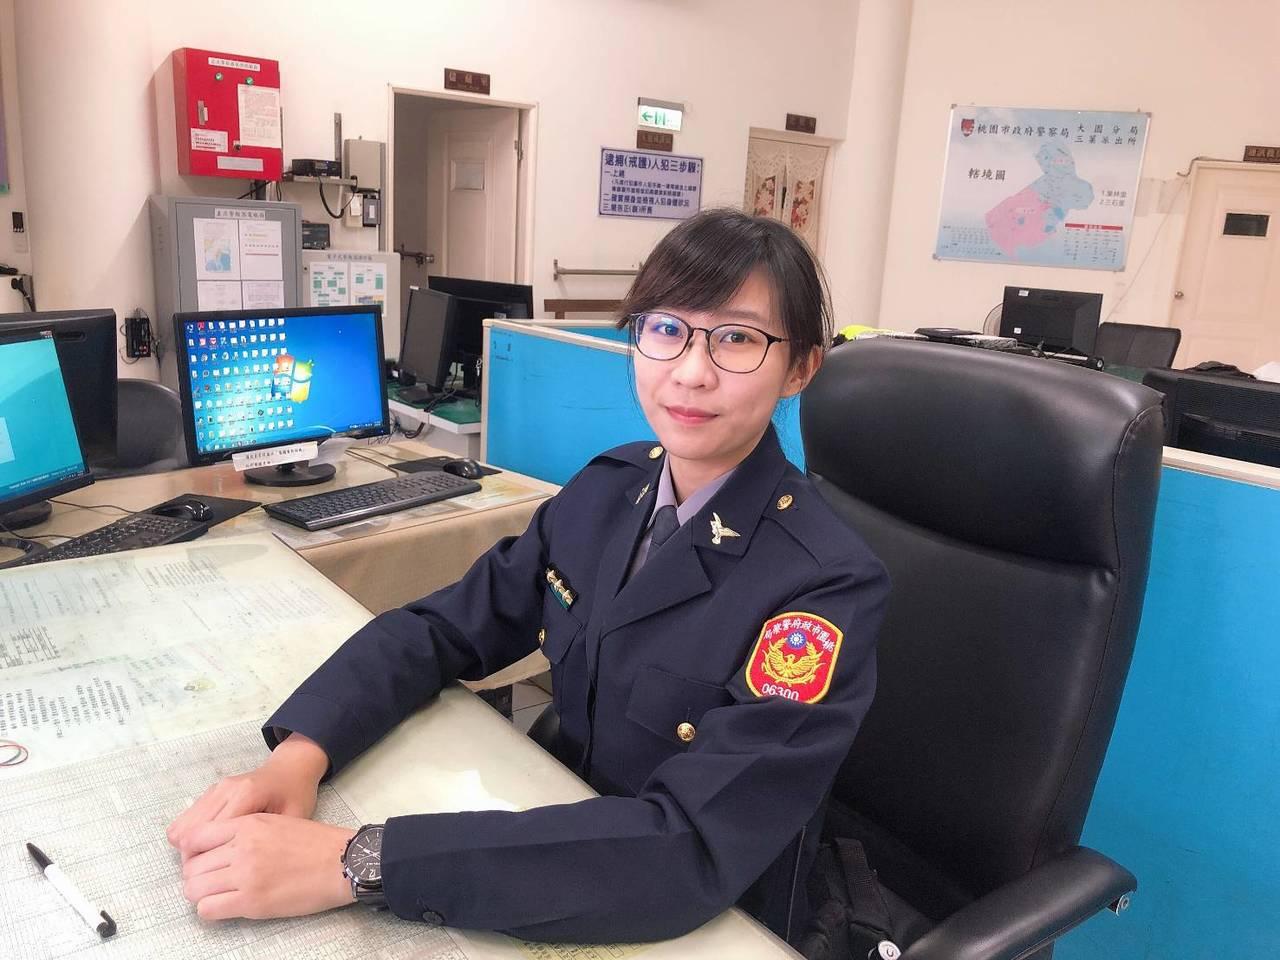 今年25歲的女警潘姿婷,畢業於高雄科技大學風險管理與保險系,因對警察工作充滿熱忱...